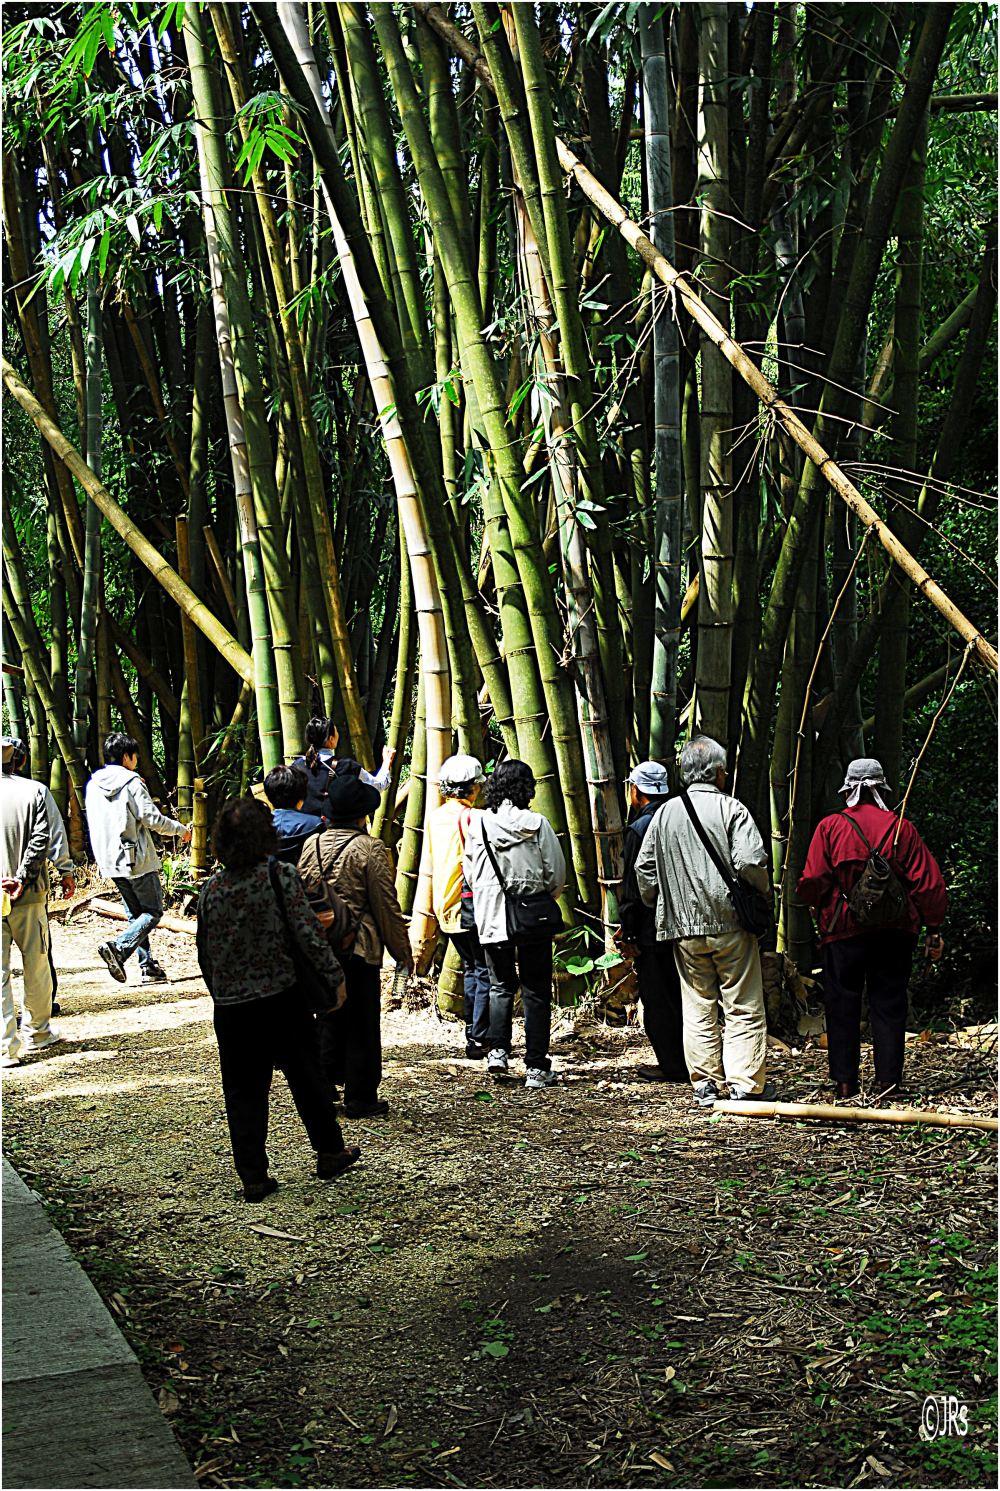 A few bamboo plants.